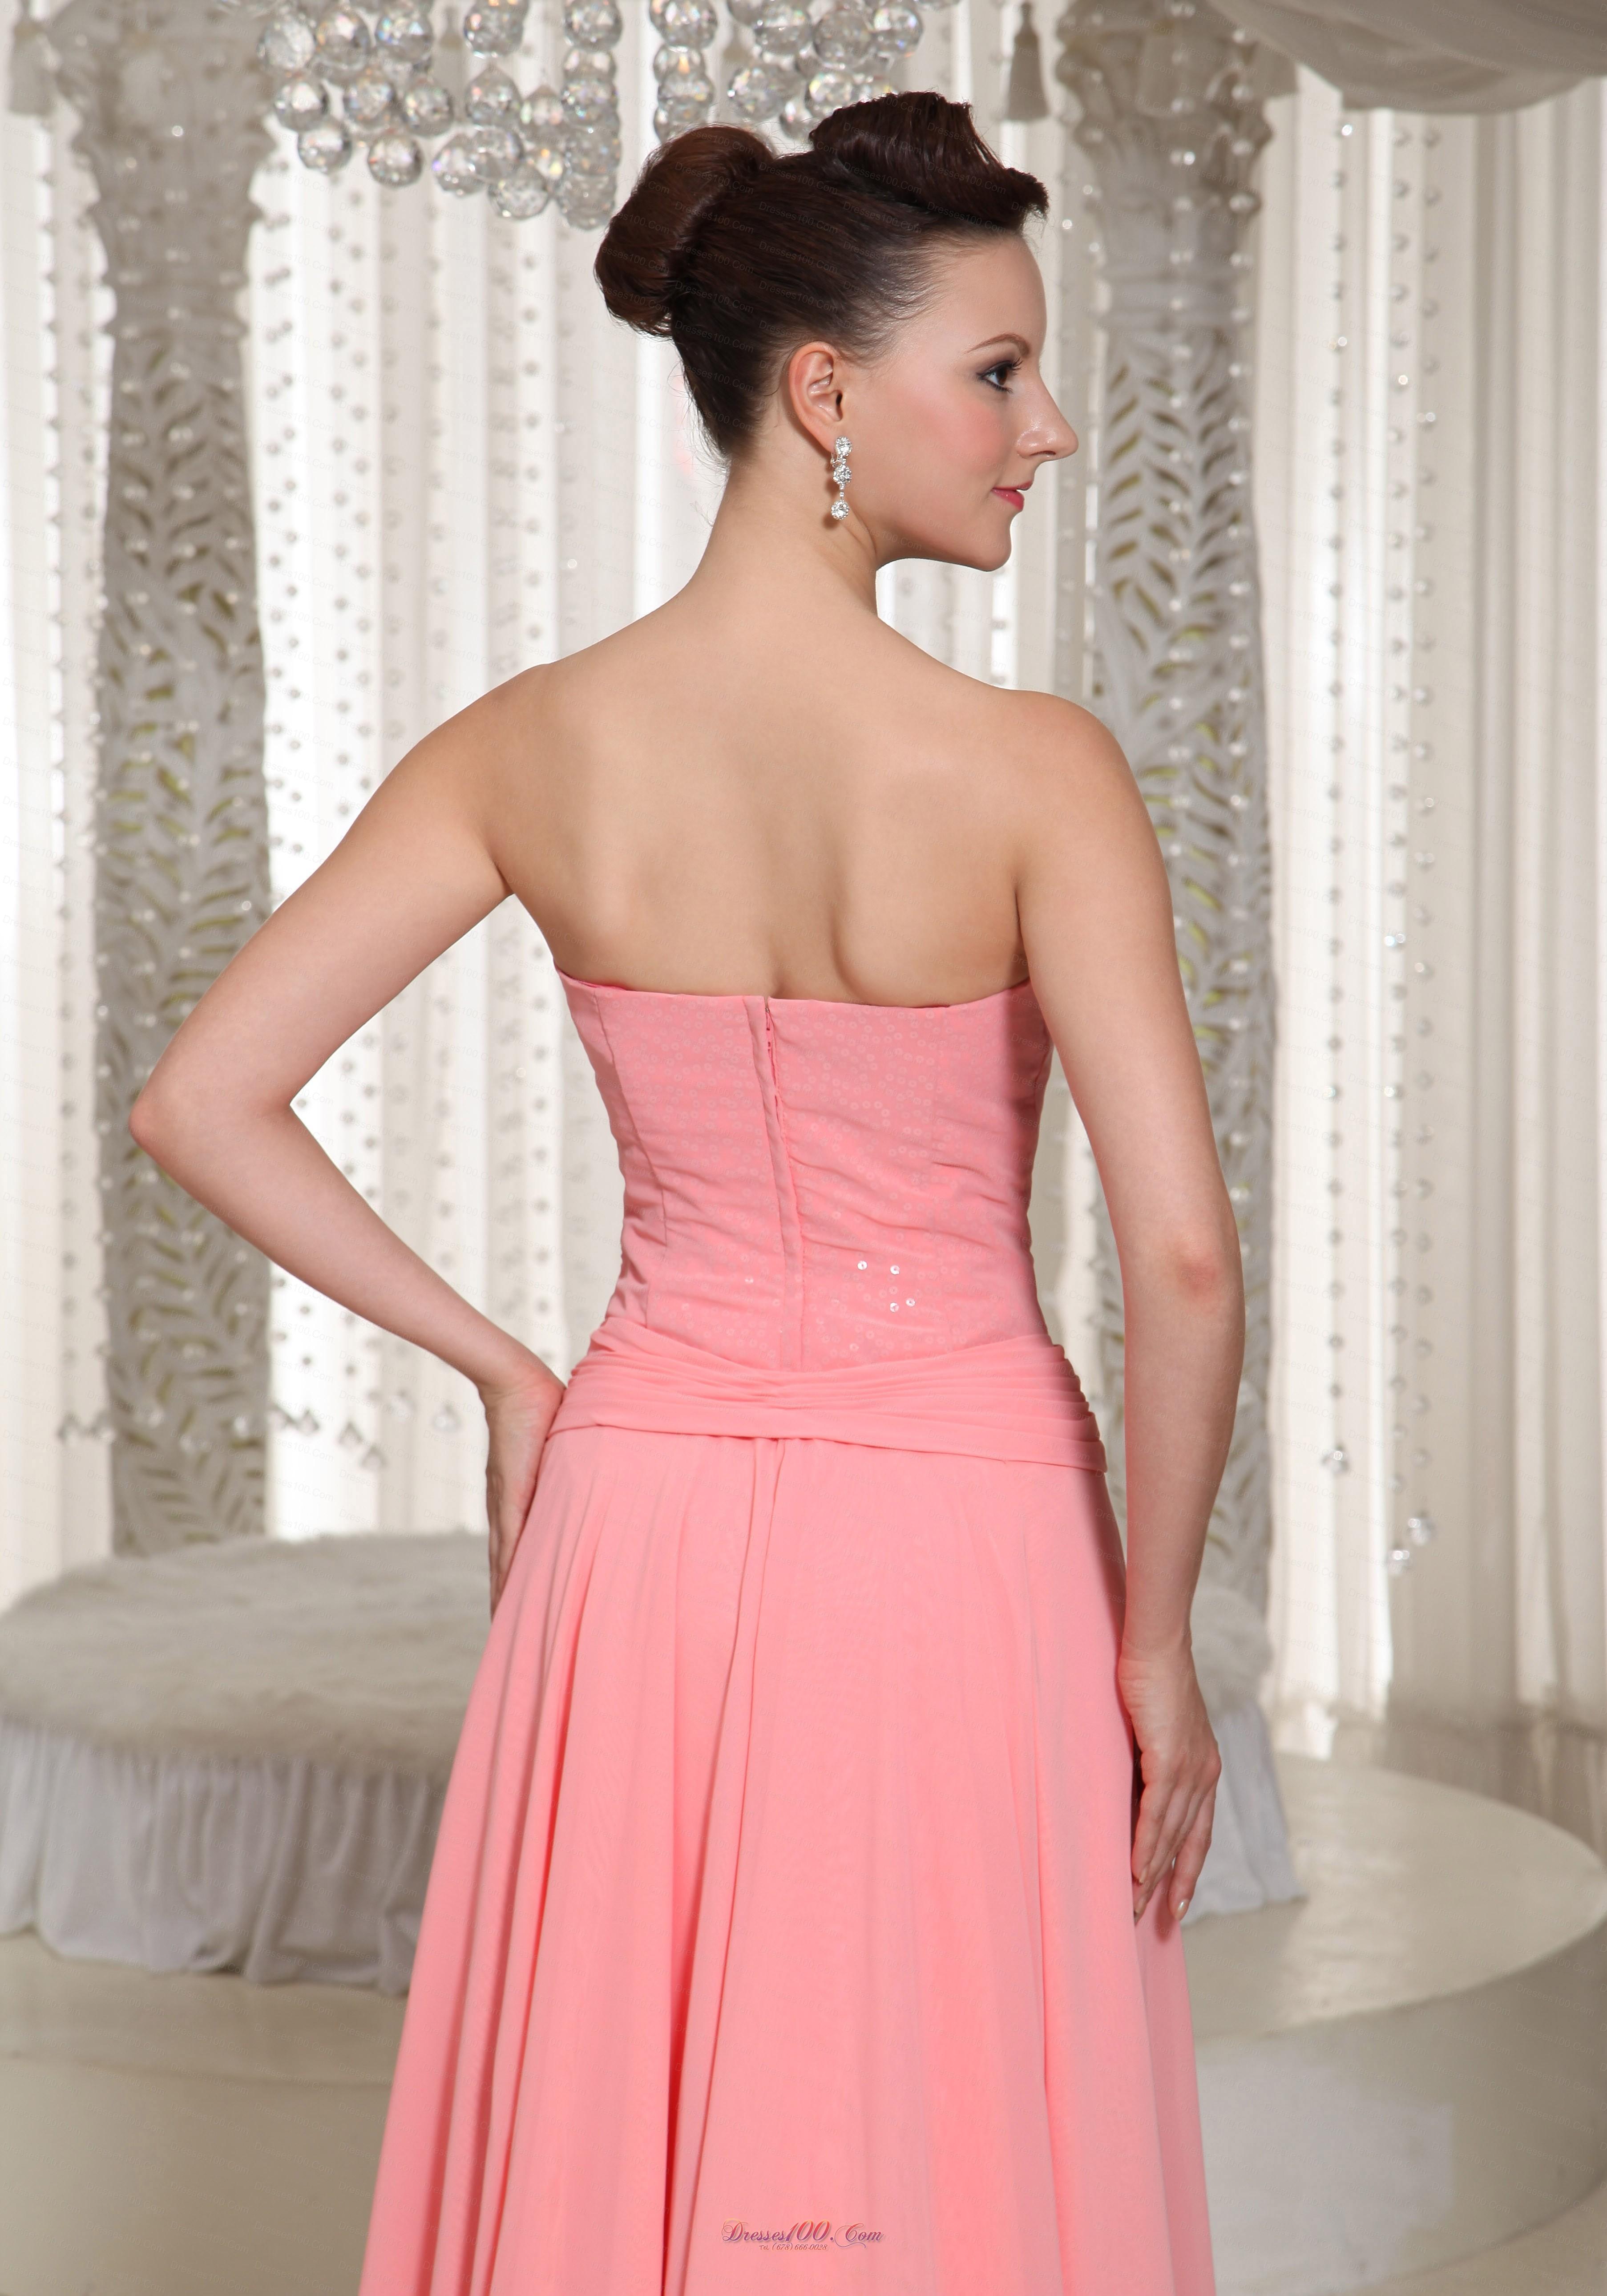 Hermosa Wet Seal Prom Dresses Componente - Colección del Vestido de ...